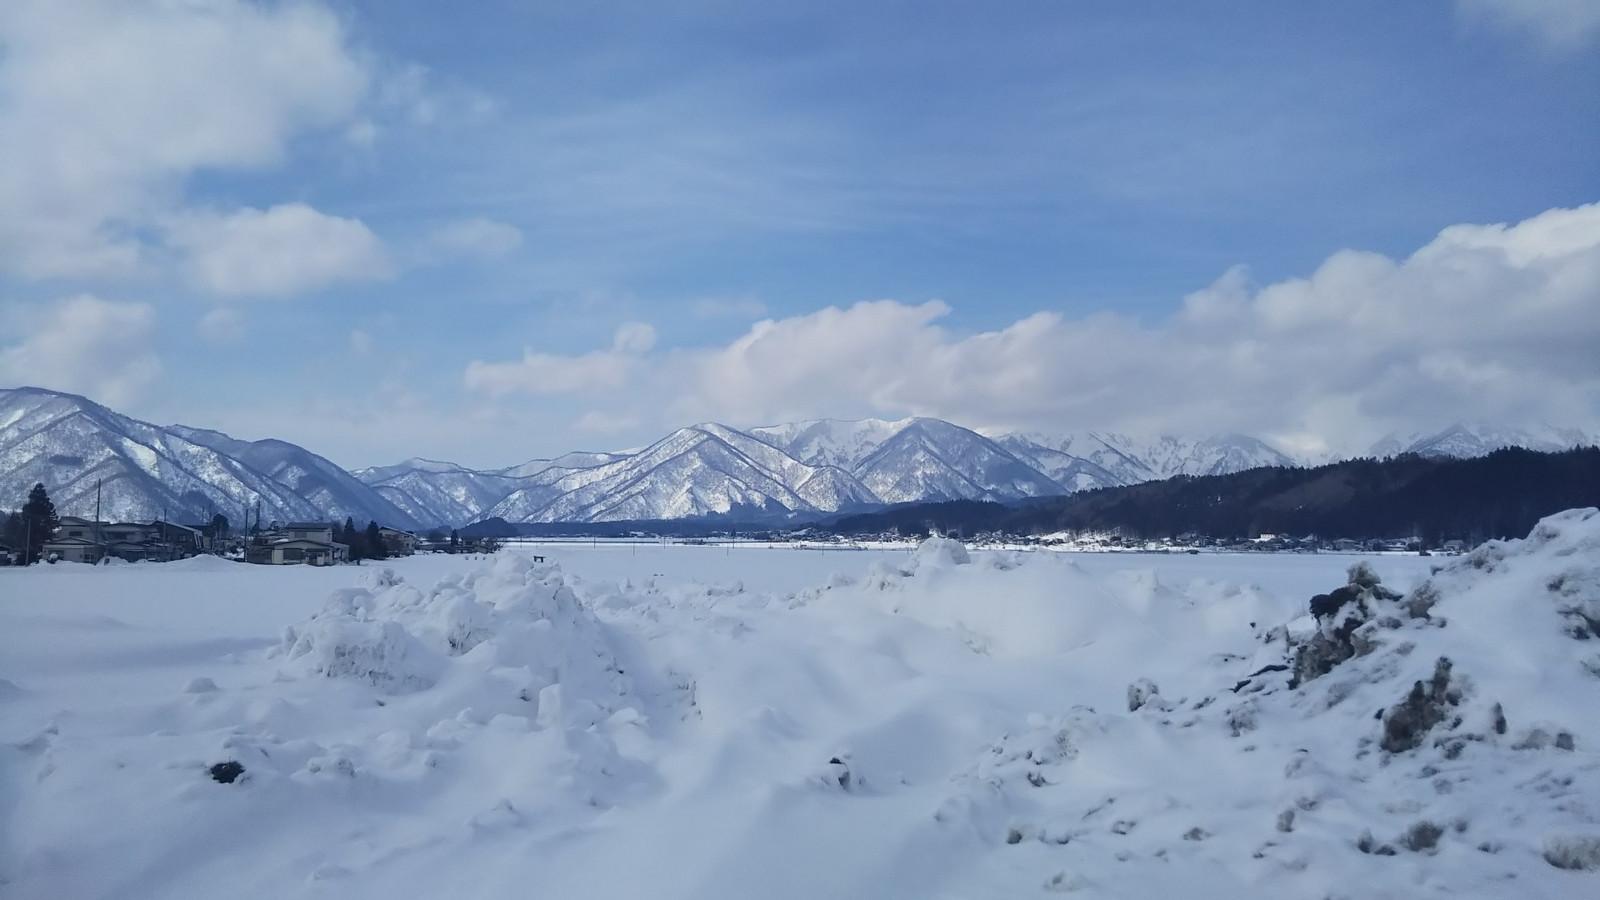 Mogami_winter_mountains1